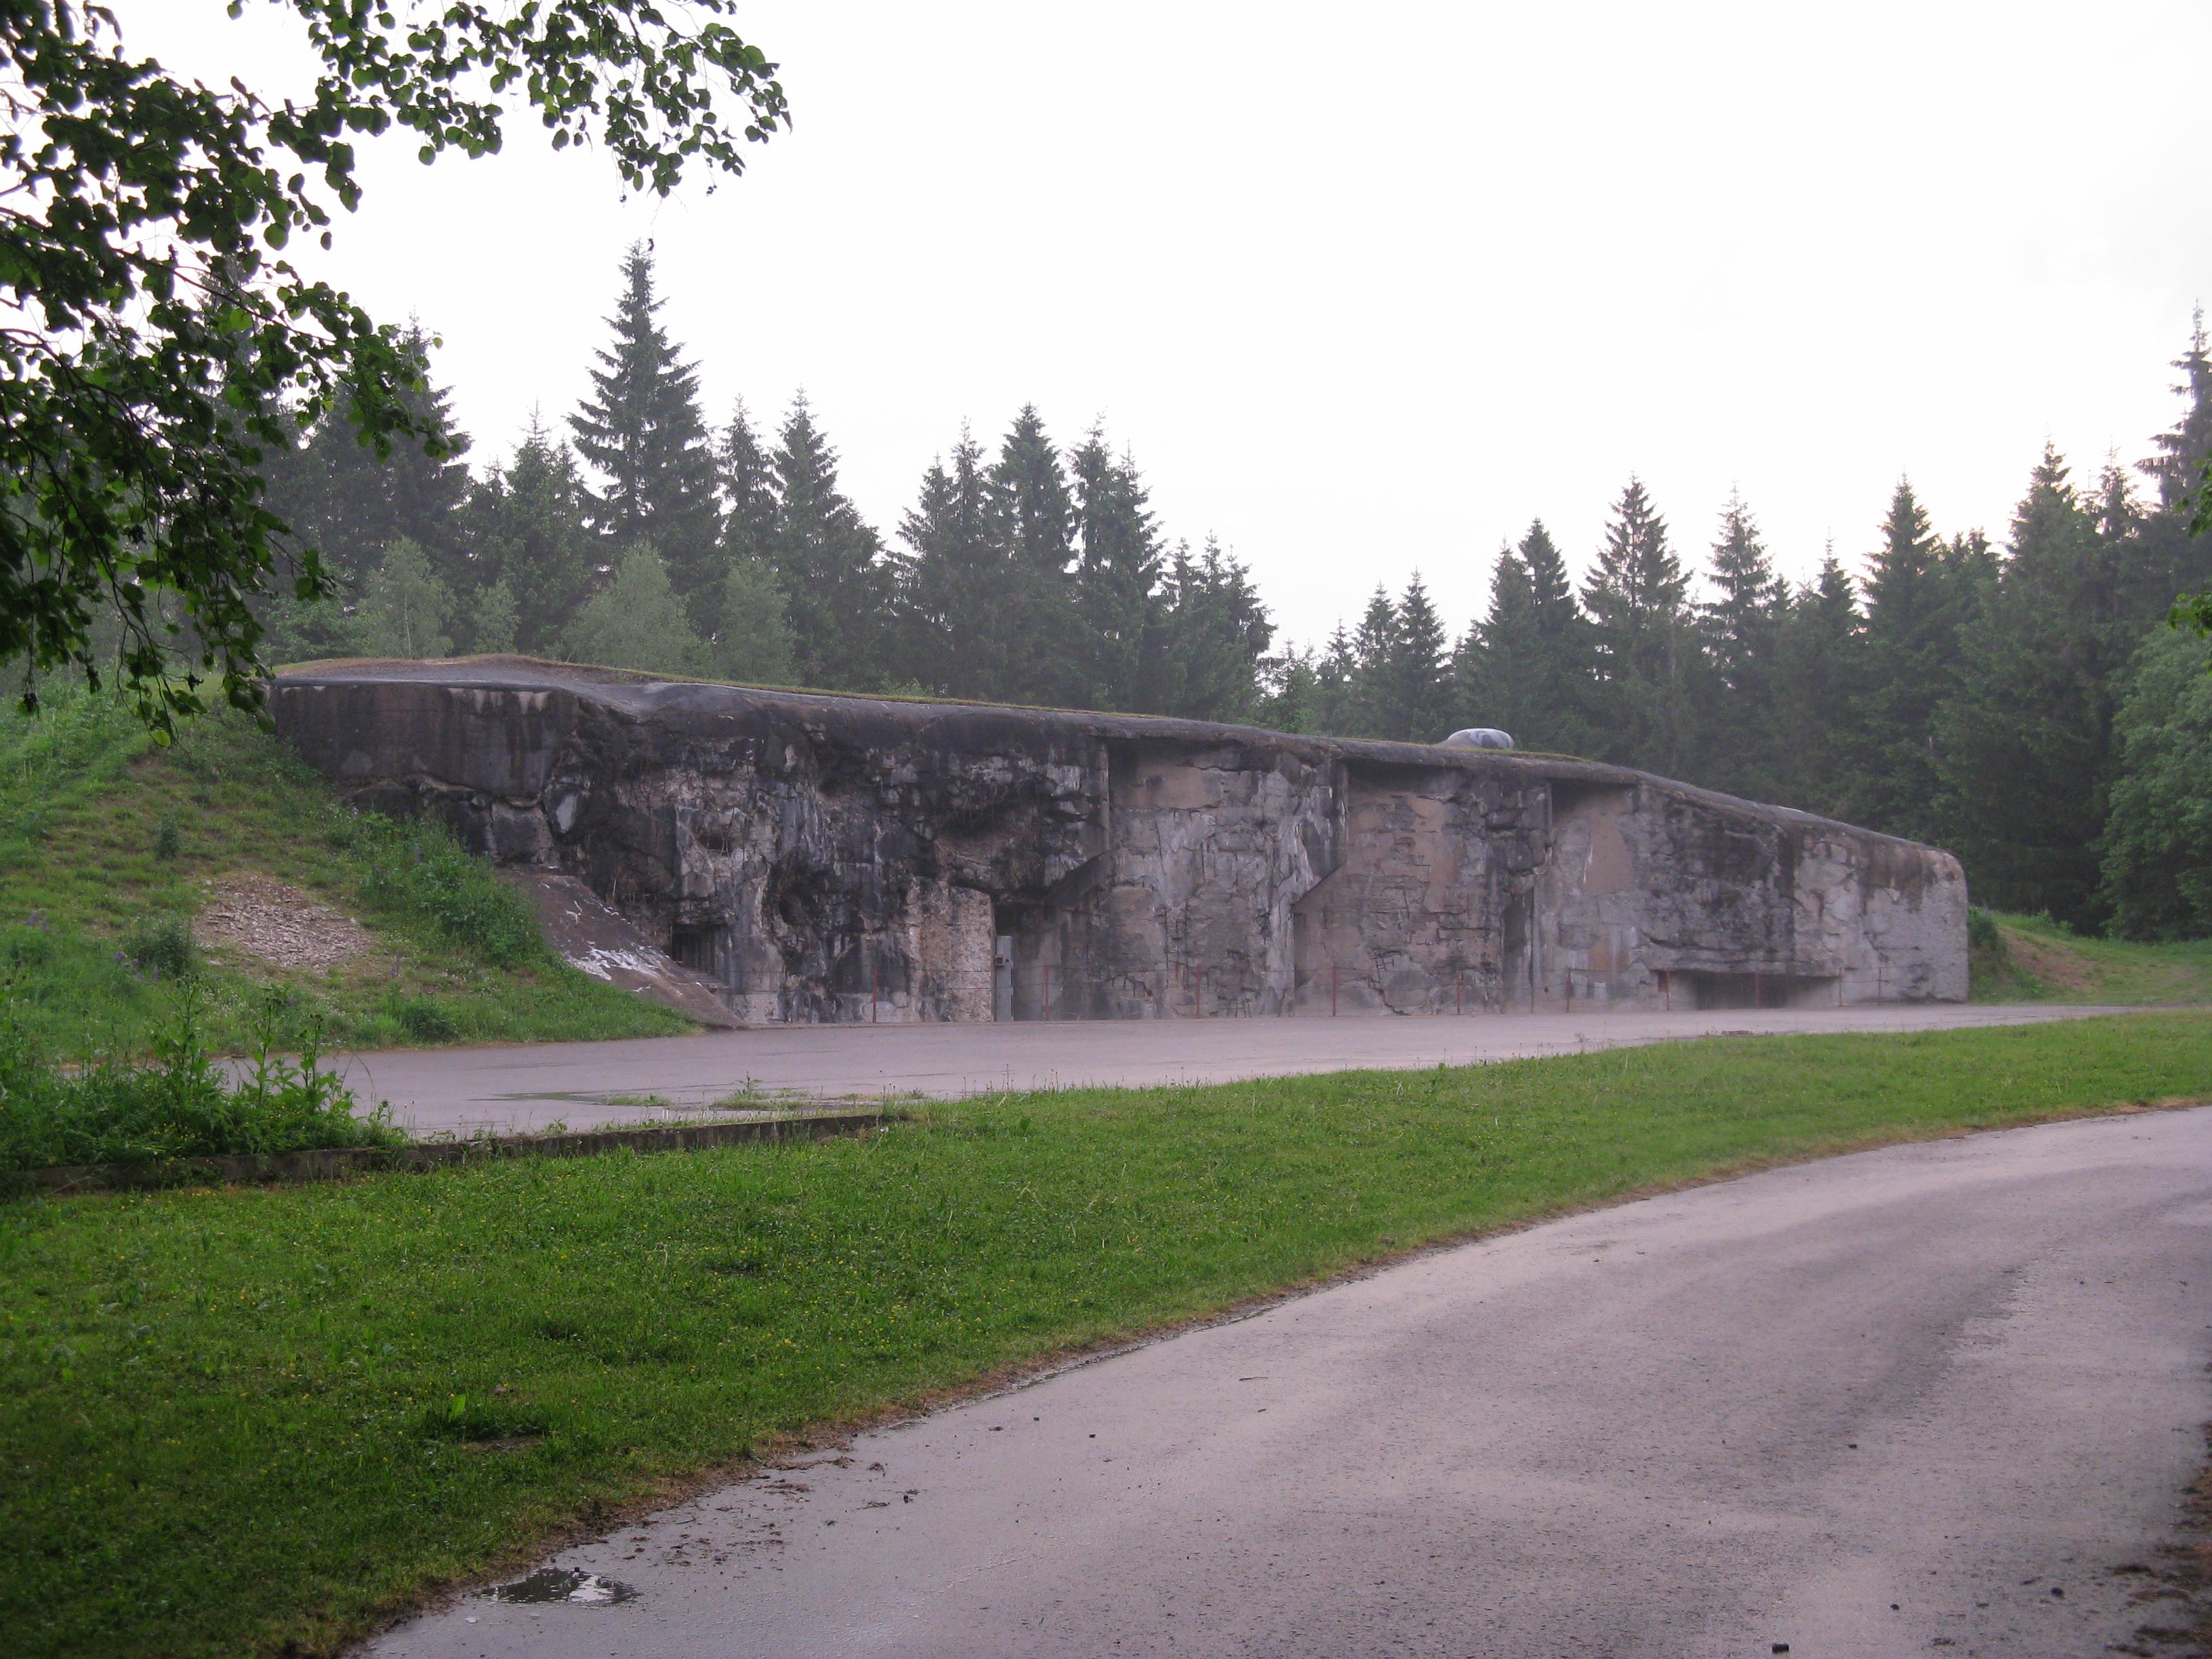 """Foto 6: Kolem osmé hodiny večer jsem se procházel kolem několika objektů dělostřelecké tvrze Hanička, zde konkrétně dělostřelecký srub R-S 79, všude pusto, prázdno, jen majestátní """"kusy"""" železobetonu"""